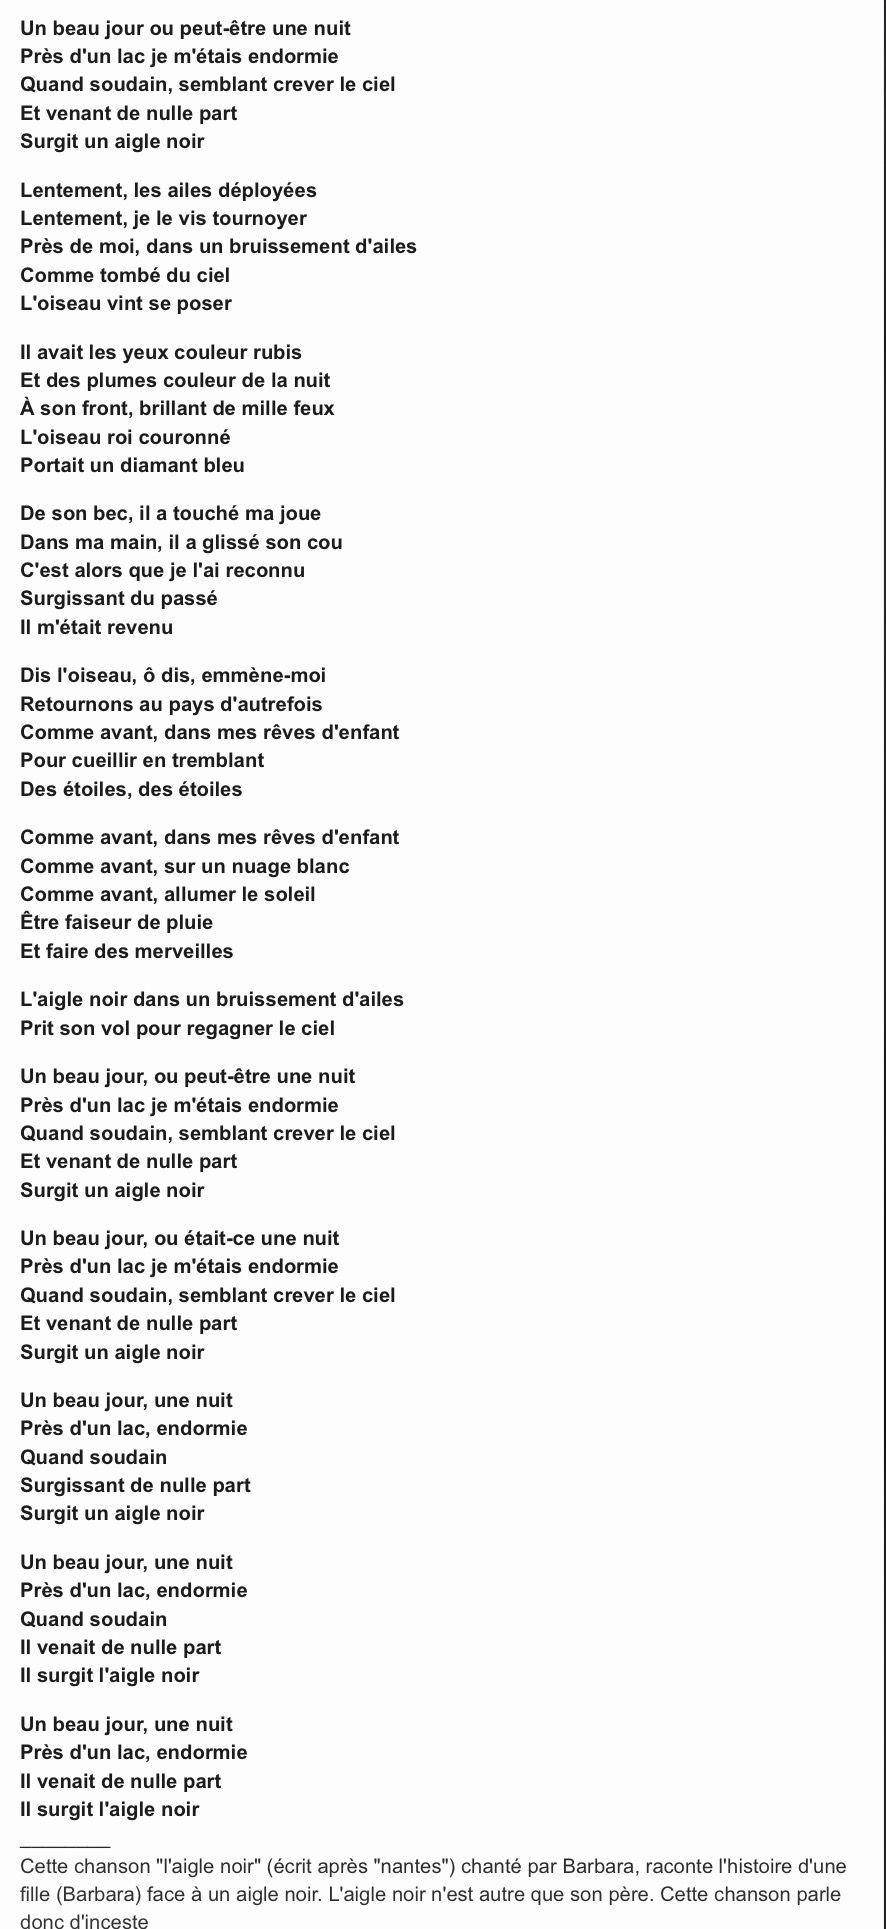 L Aigle Noir Paroles Signification : aigle, paroles, signification, Ještě, Pořád, Korporace, Interpretovat, Paroles, Chanson, Aigle, Camarillolittlethai.com